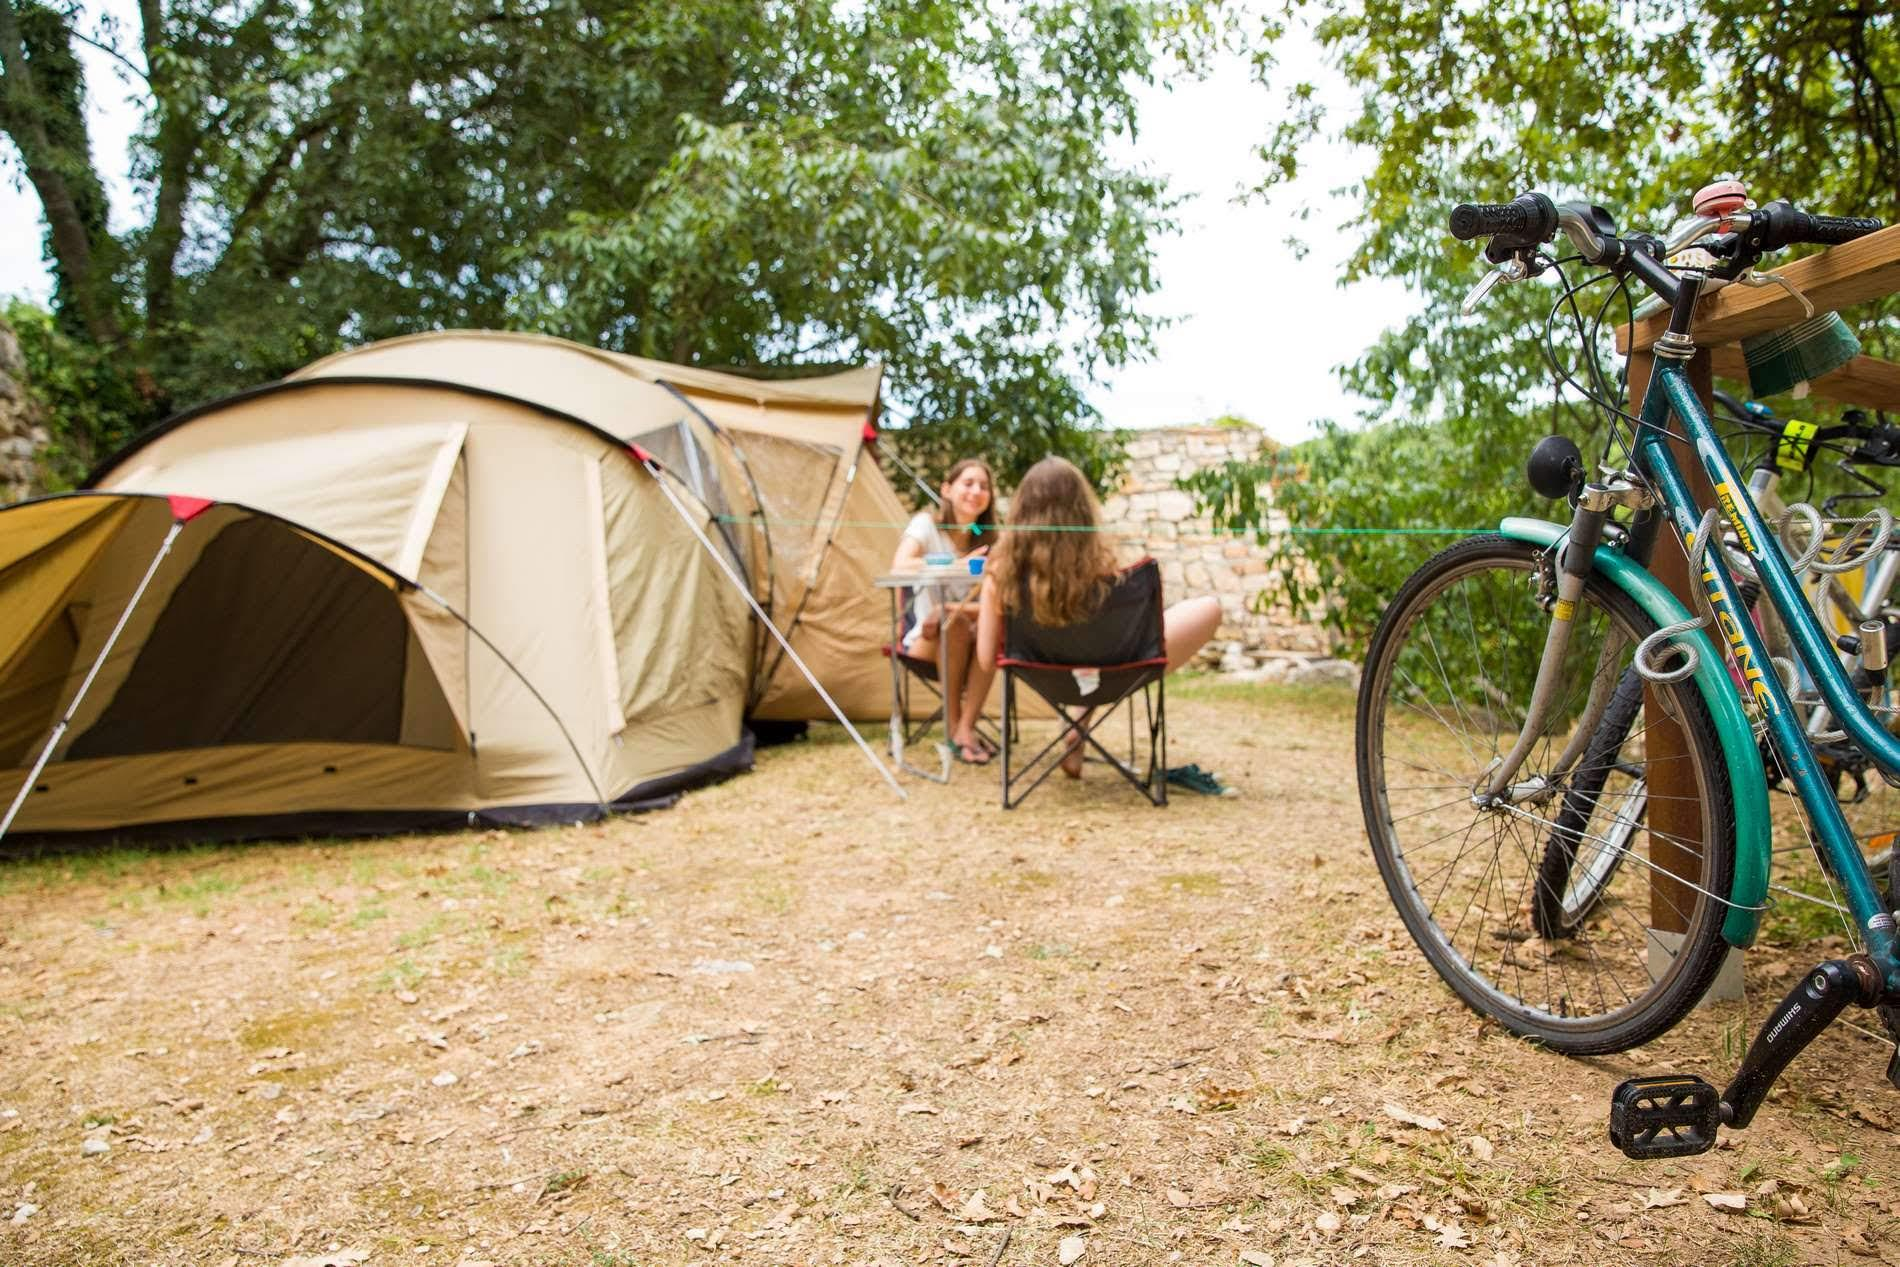 Forfait camping-caravaning : 1 emplacement pour 2 personnes avec 1 véhicule